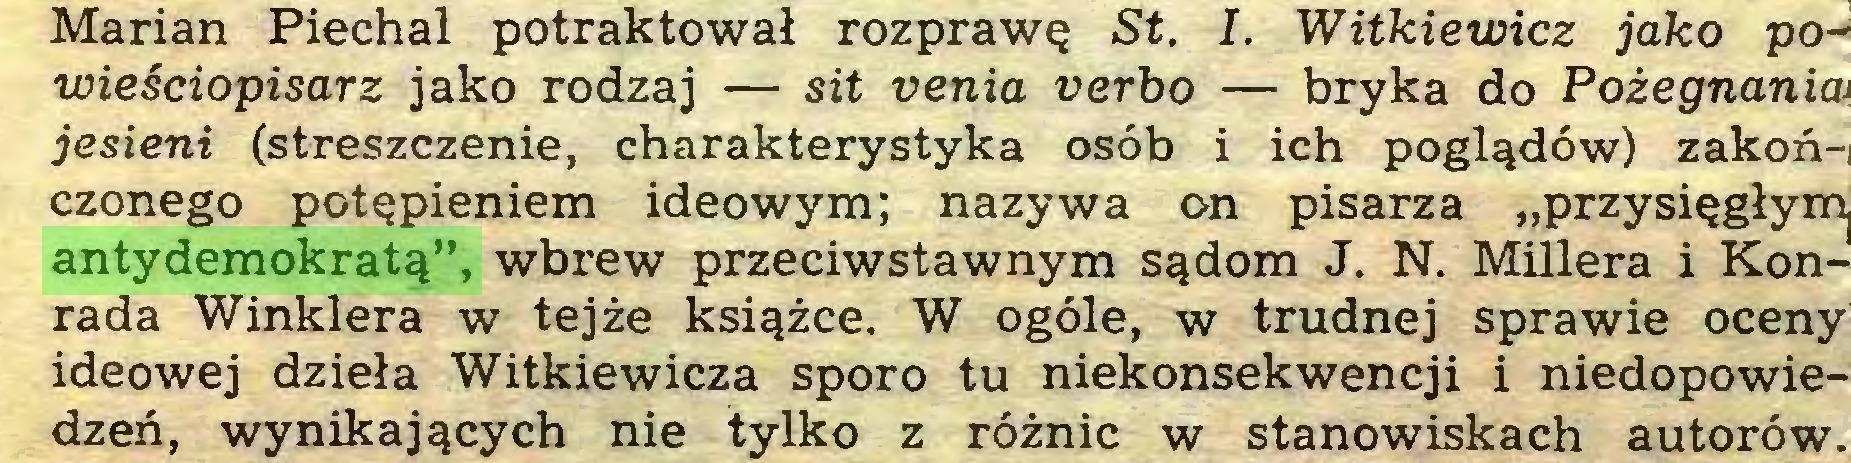 """(...) Marian Piechal potraktował rozprawę St. I. Witkiewicz jako powieściopisarz jako rodzaj — sit venia verbo — bryka do Pożegnania> jesieni (streszczenie, charakterystyka osób i ich poglądów) zakoń-, czonego potępieniem ideowym; nazywa on pisarza """"przysięgłym^ antydemokratą"""", wbrew przeciwstawnym sądom J. N. Millera i Konrada Winklera w tejże książce. W ogóle, w trudnej sprawie oceny ideowej dzieła Witkiewicza sporo tu niekonsekwencji i niedopowiedzeń, wynikających nie tylko z różnic w stanowiskach autorów..."""